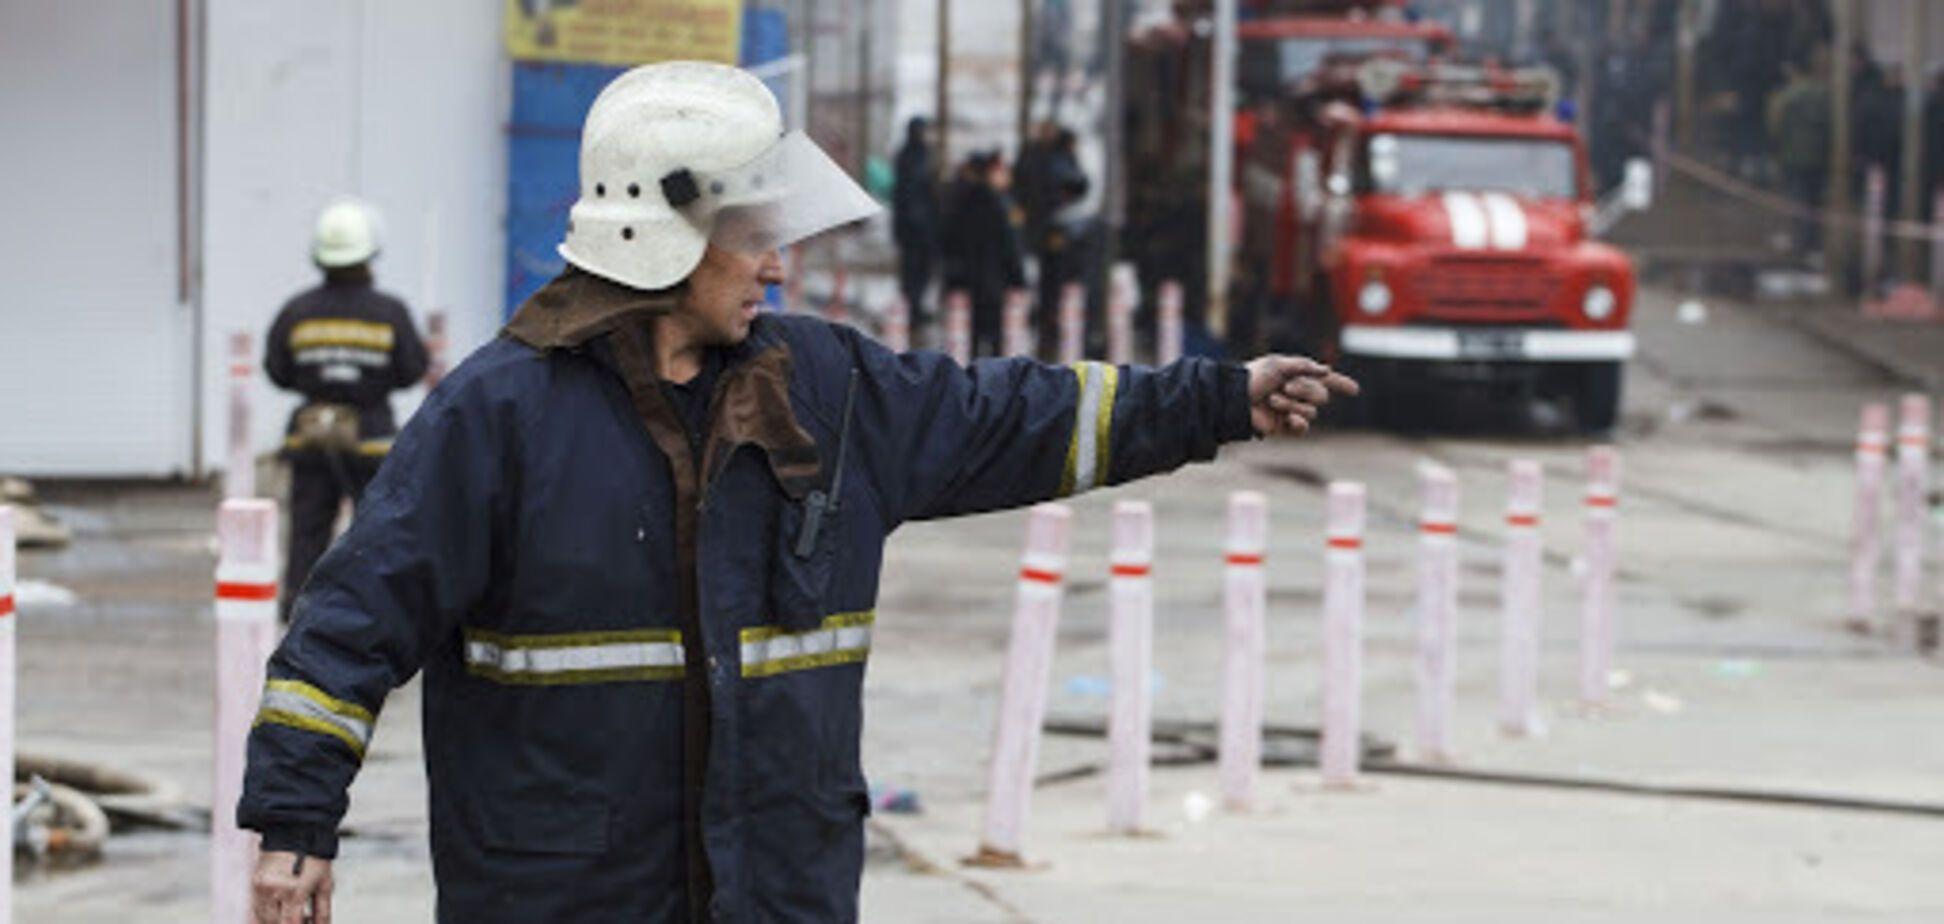 Пожарные ликвидировали возгорание автобуса на трассе под Киевом. Источник: pixabay.com